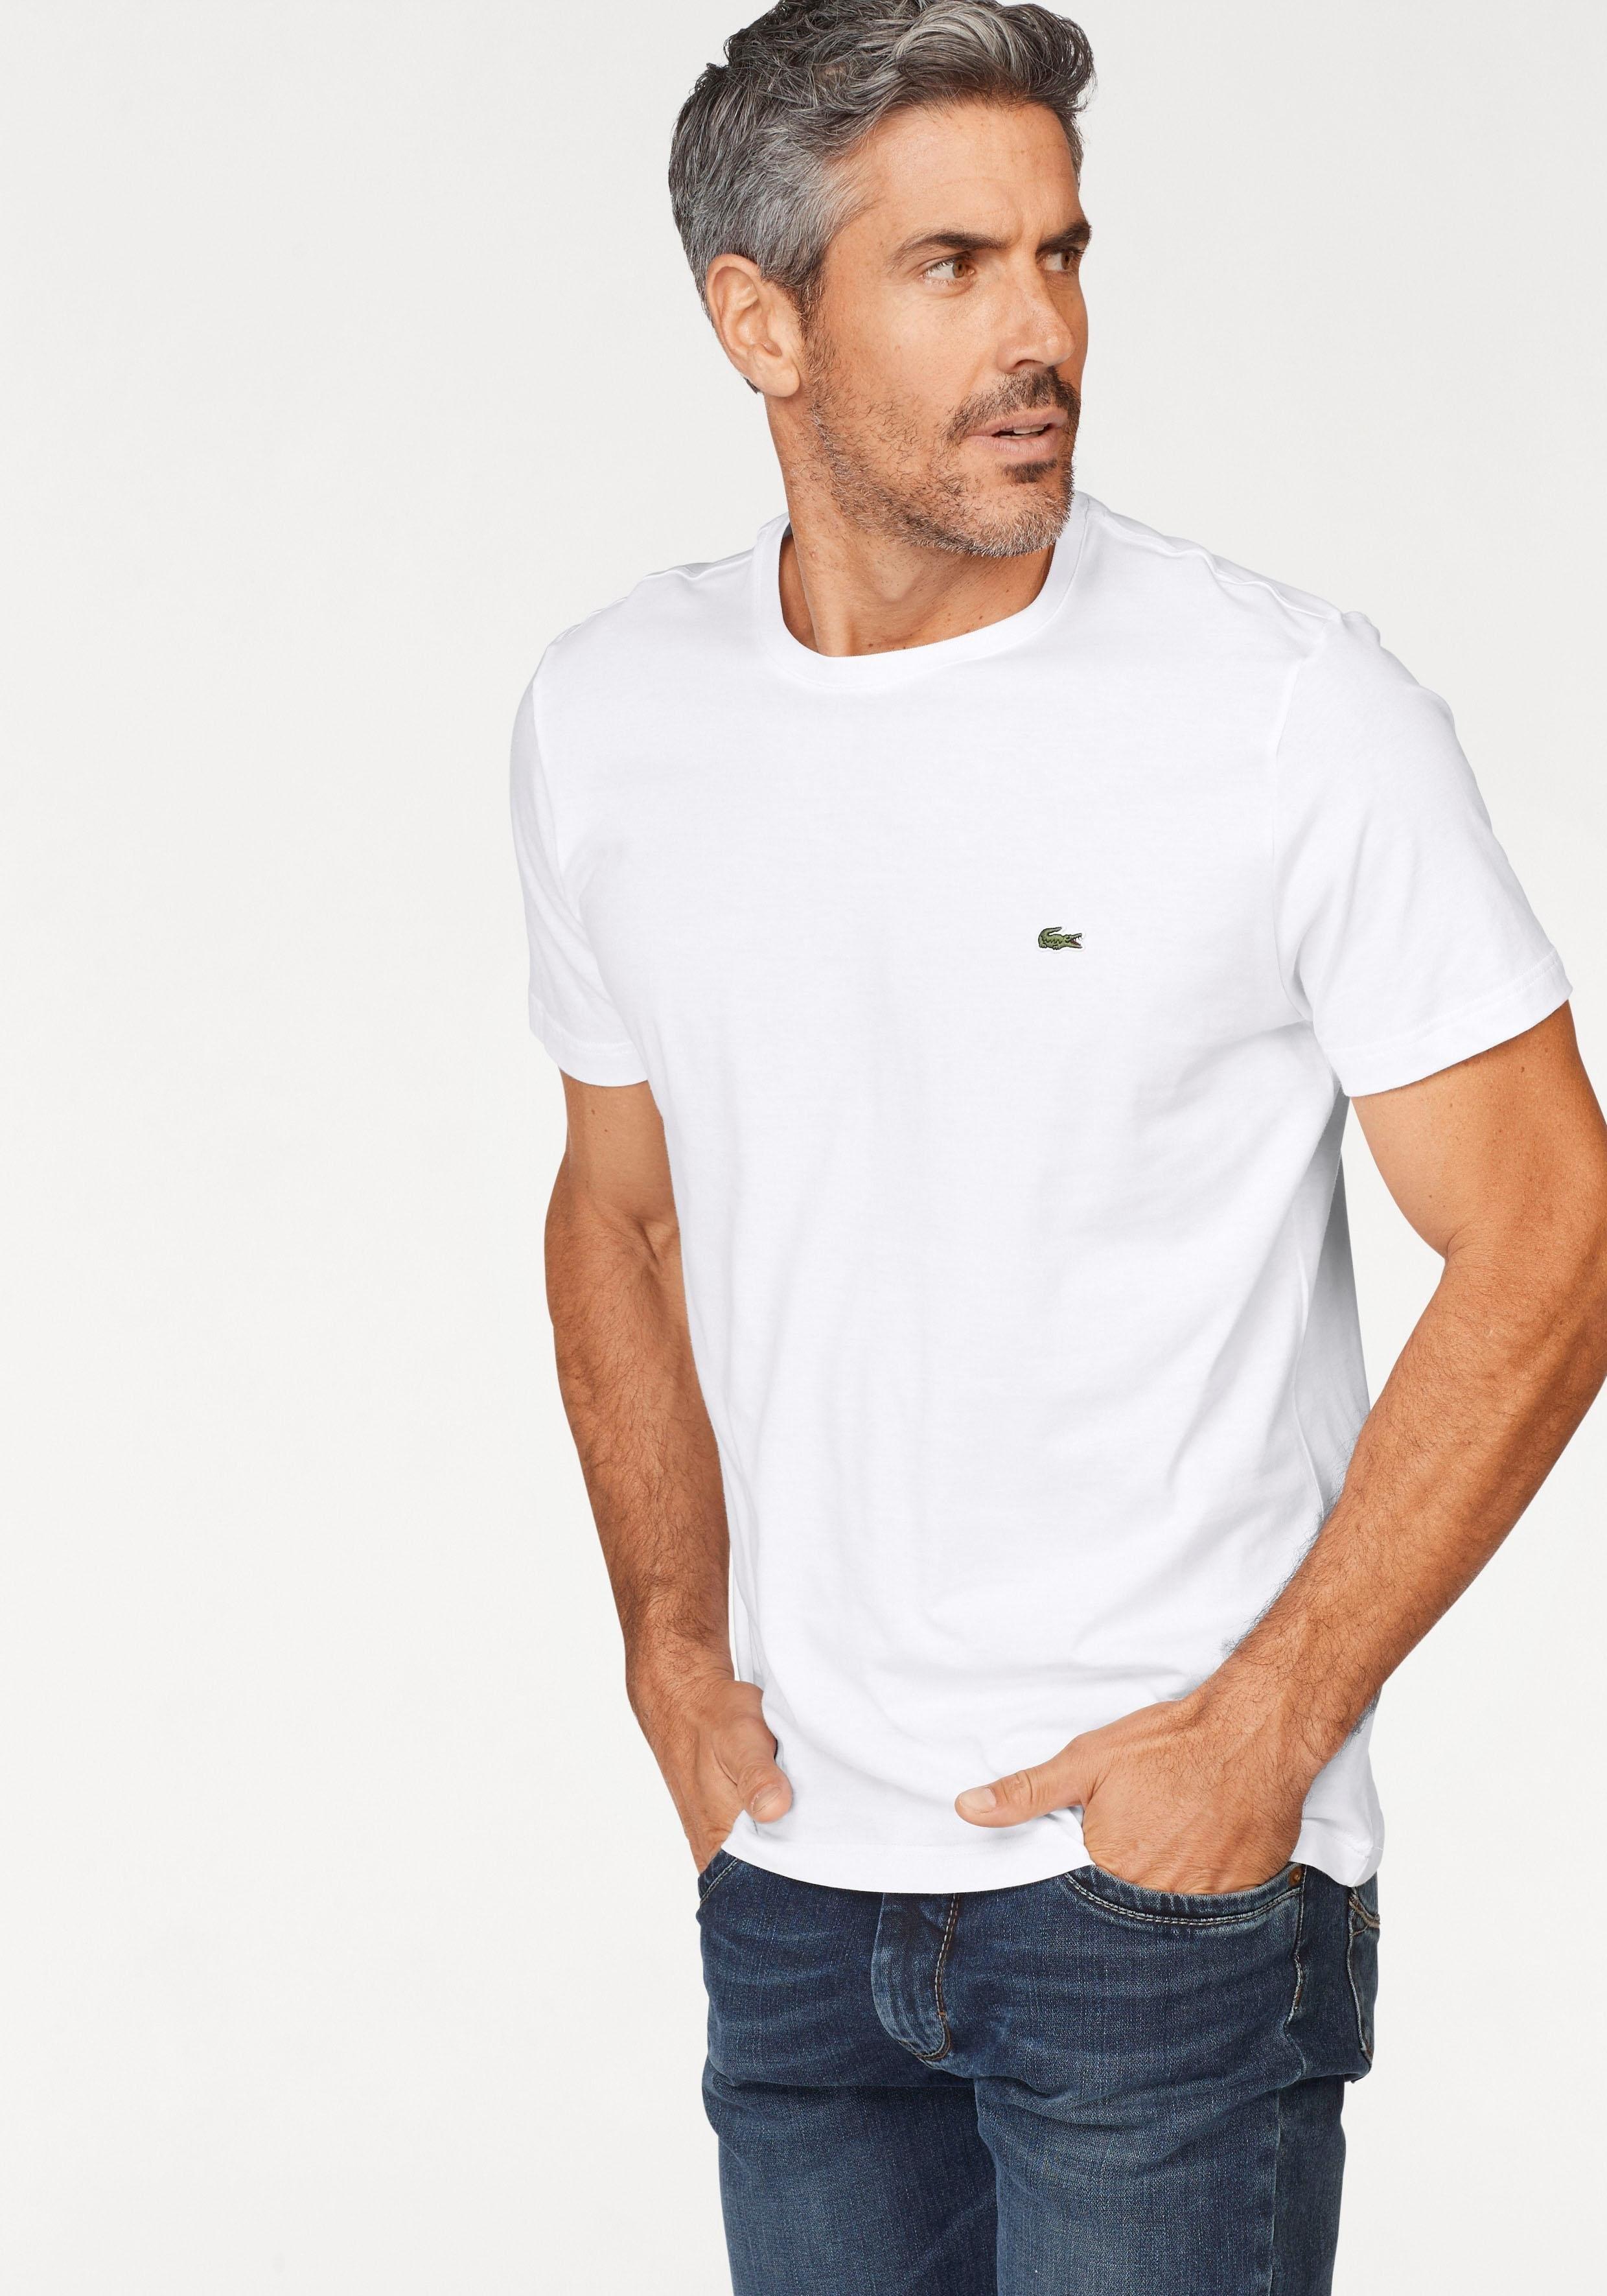 Lacoste T-shirt van puur katoen nu online kopen bij OTTO